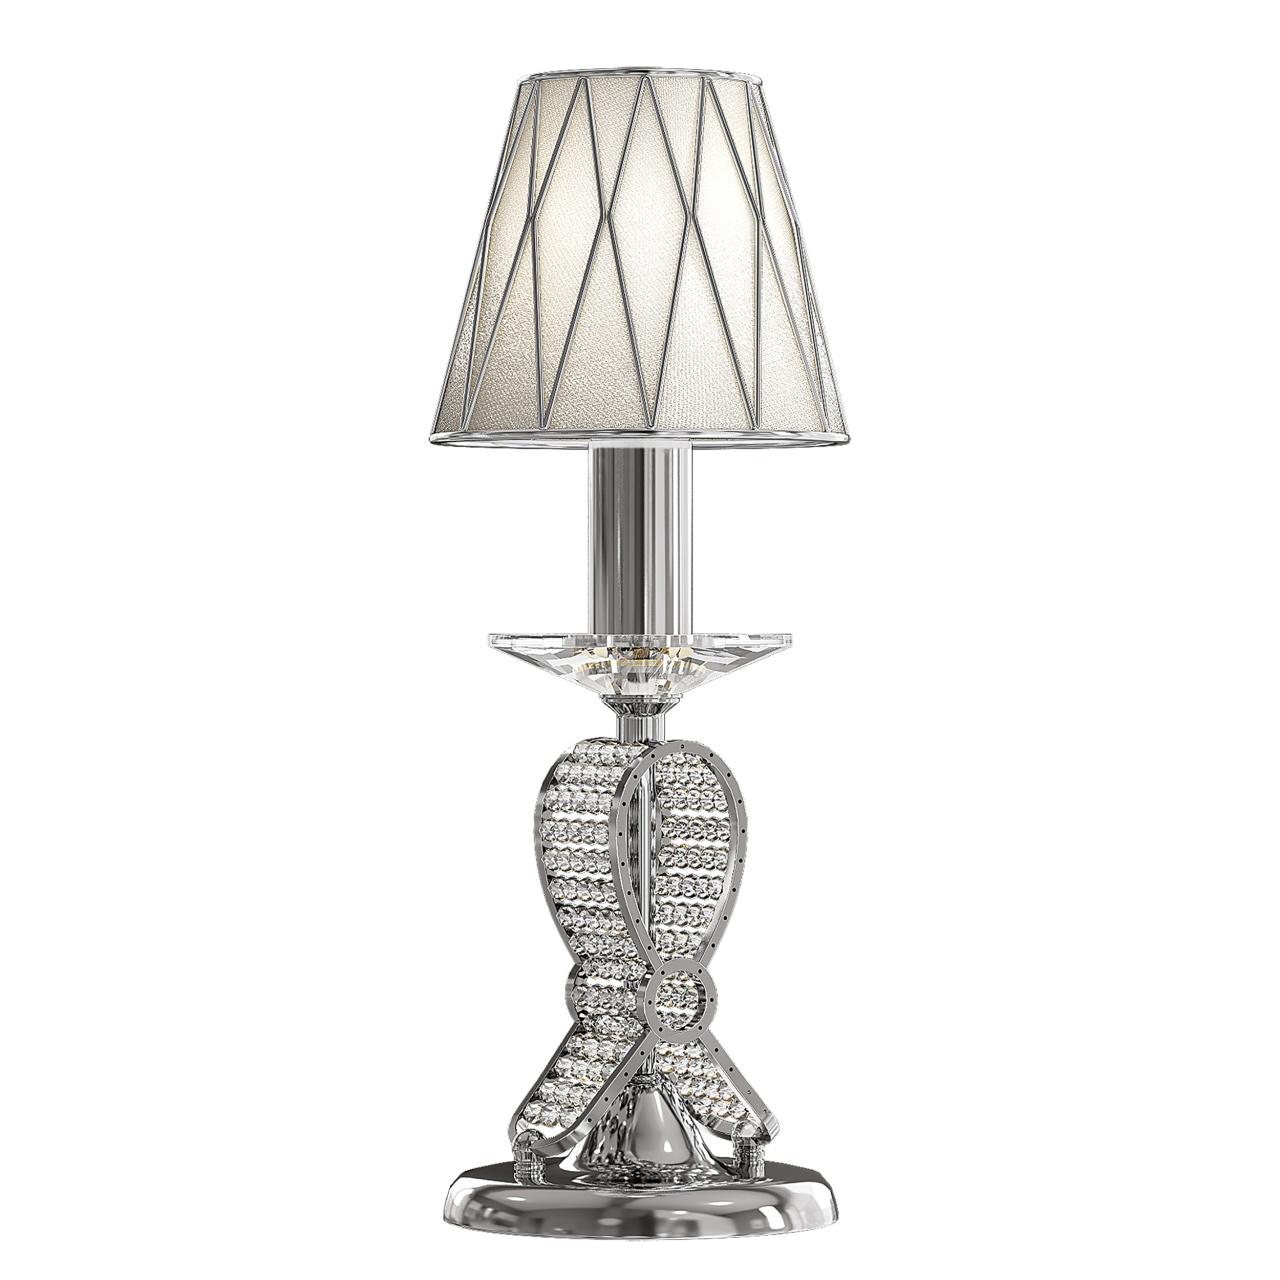 Настольная лампа Ricerco 1х40W E14 хром Osgona 705914